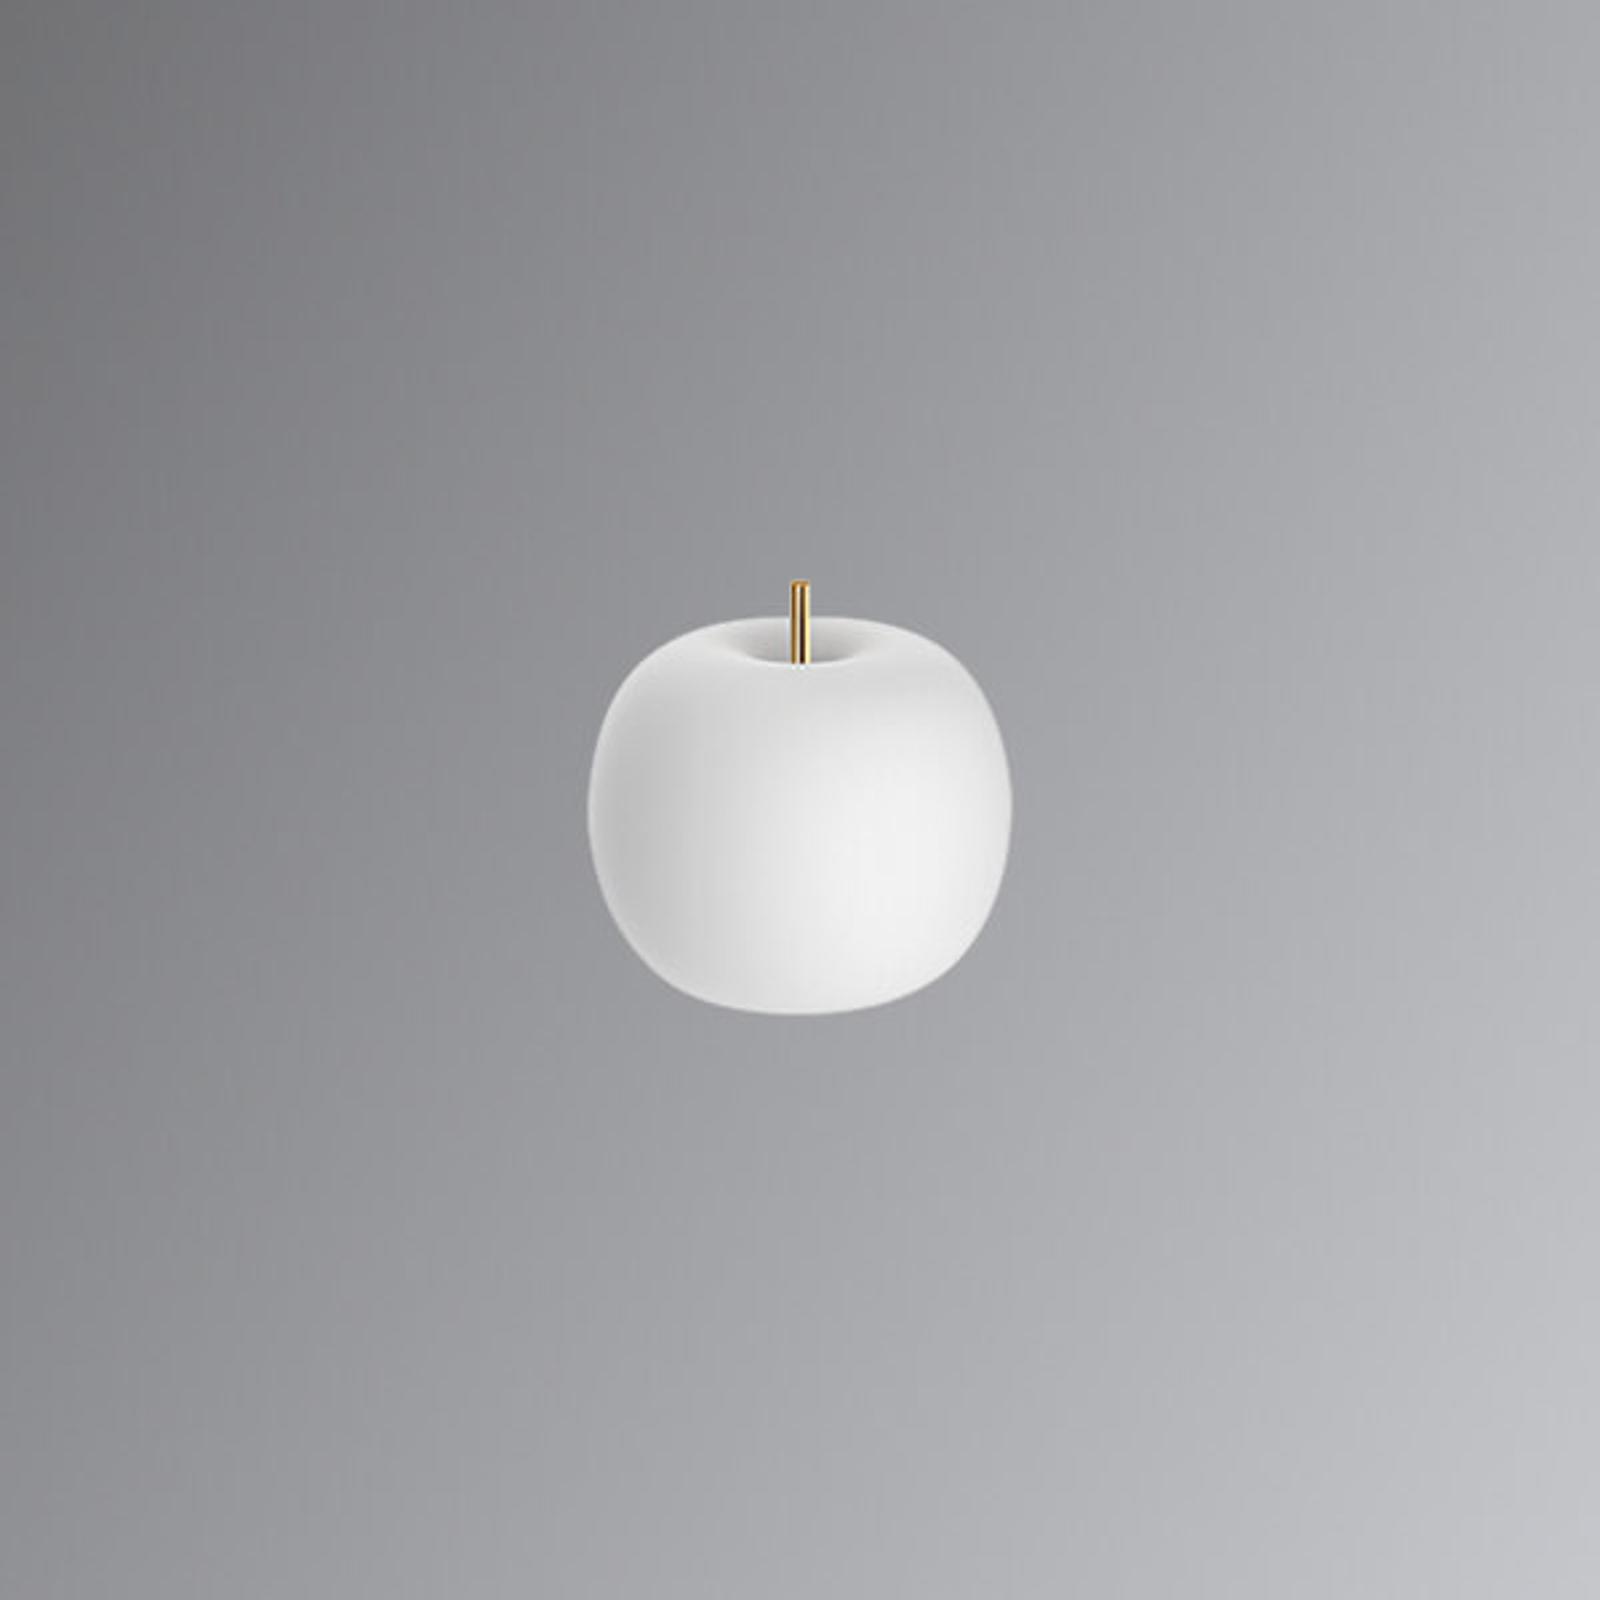 Kundalini Kushi - LED tafellamp messing 16cm